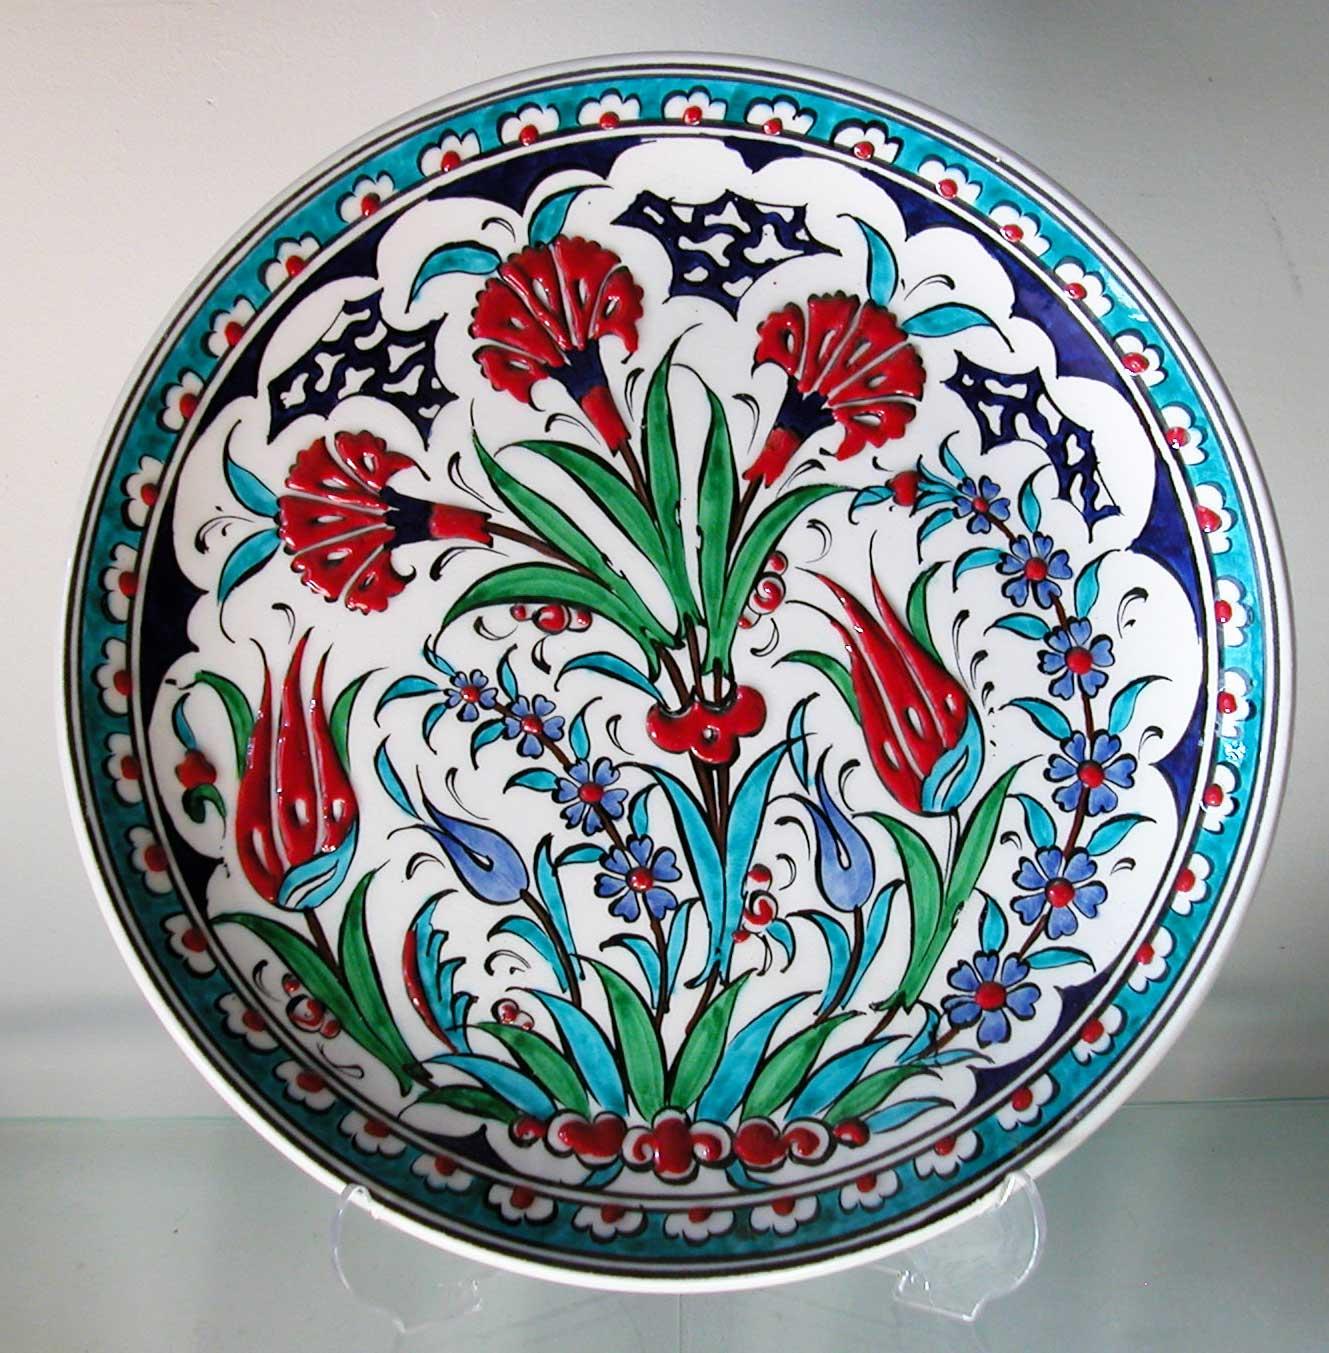 Lale Karanfil Desenli Klasik Çini Tabaklar İstanbul da Çini Mağazasında Bulabilirsiniz